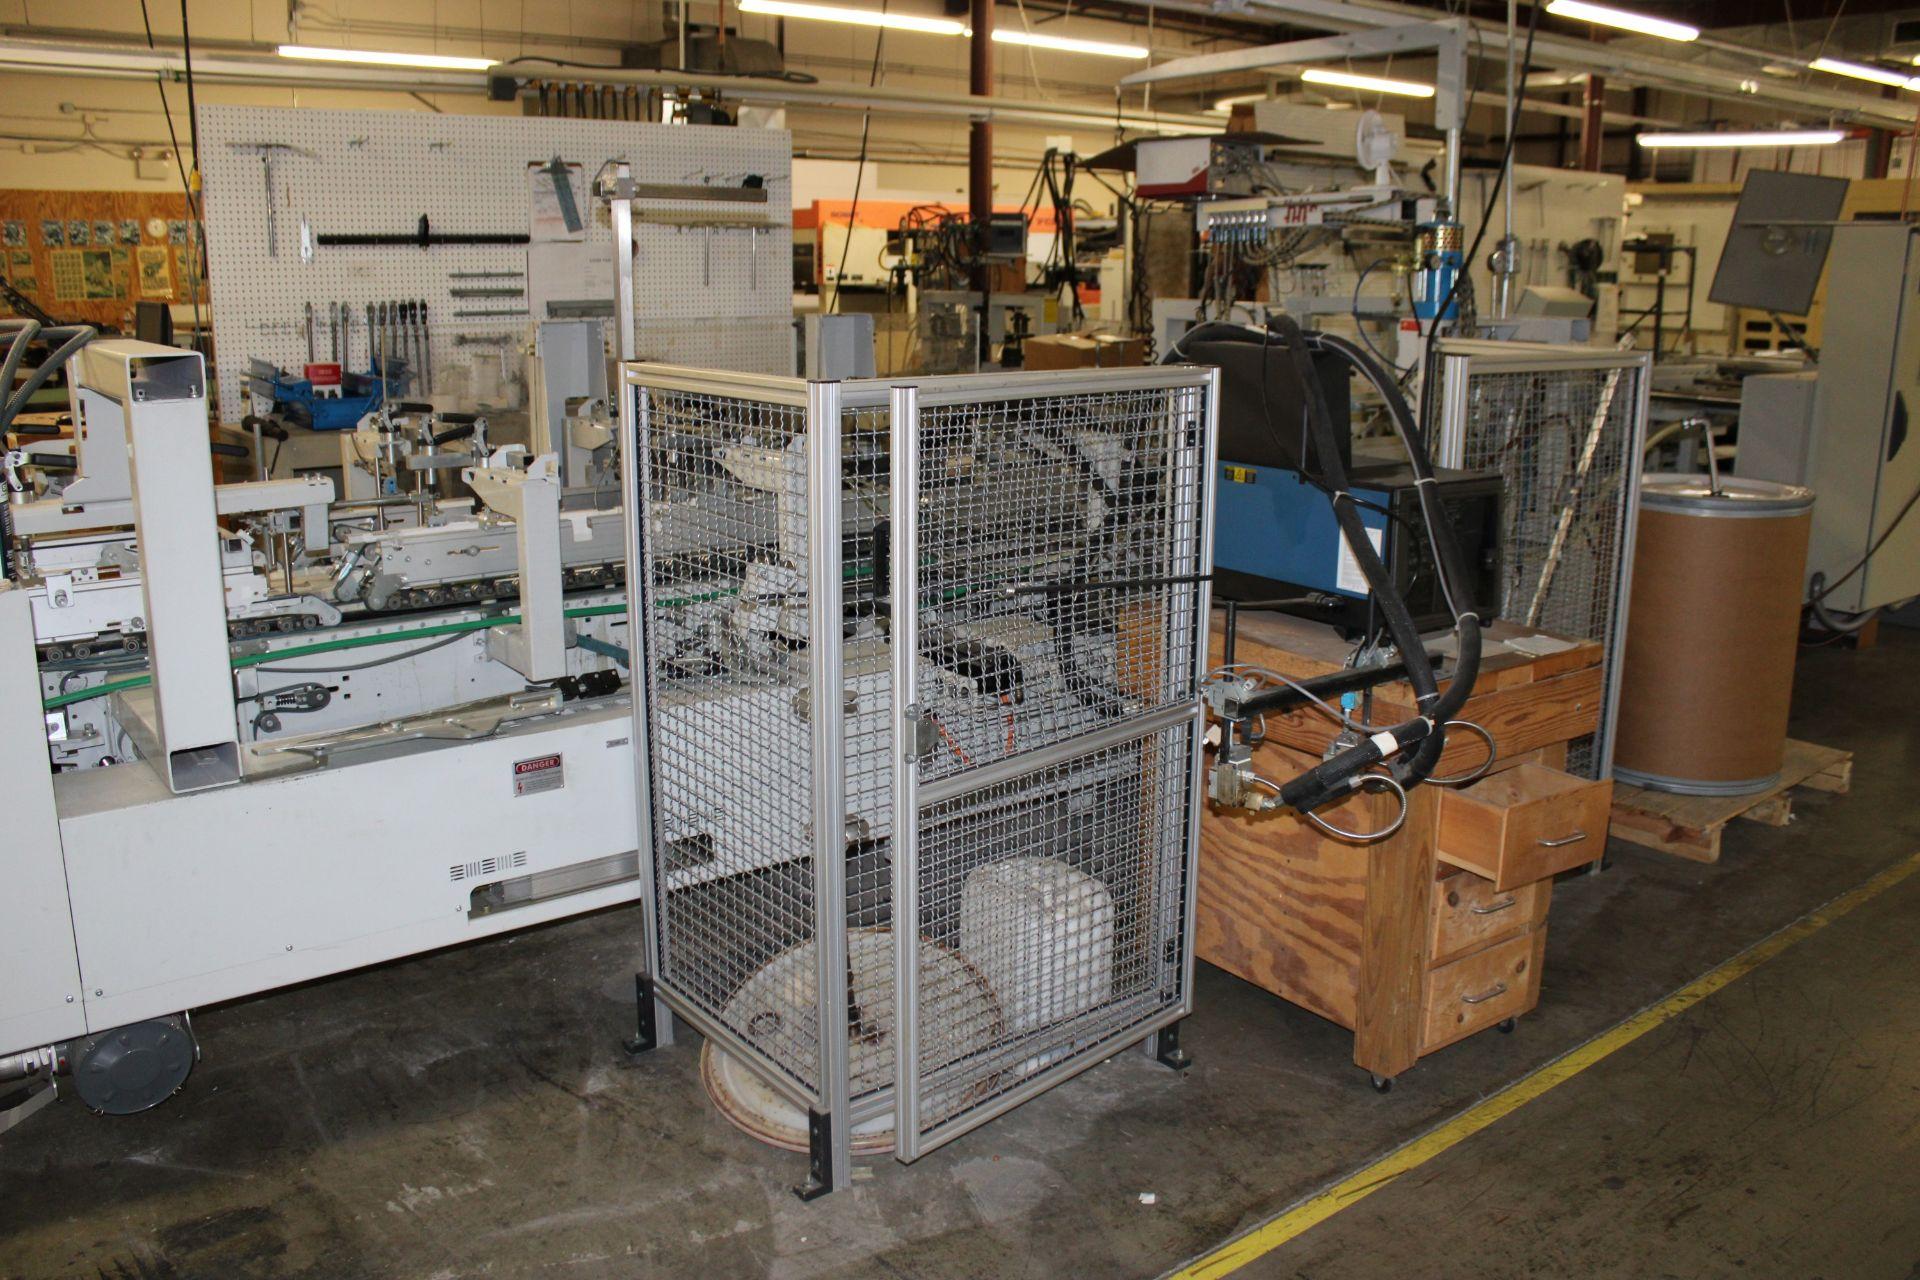 Lot 35 - 2005 BOBST Fuego 110A2 Folder/Gluer s/n 0356-0028-02 w/ Backfold 16 Channel Gluer